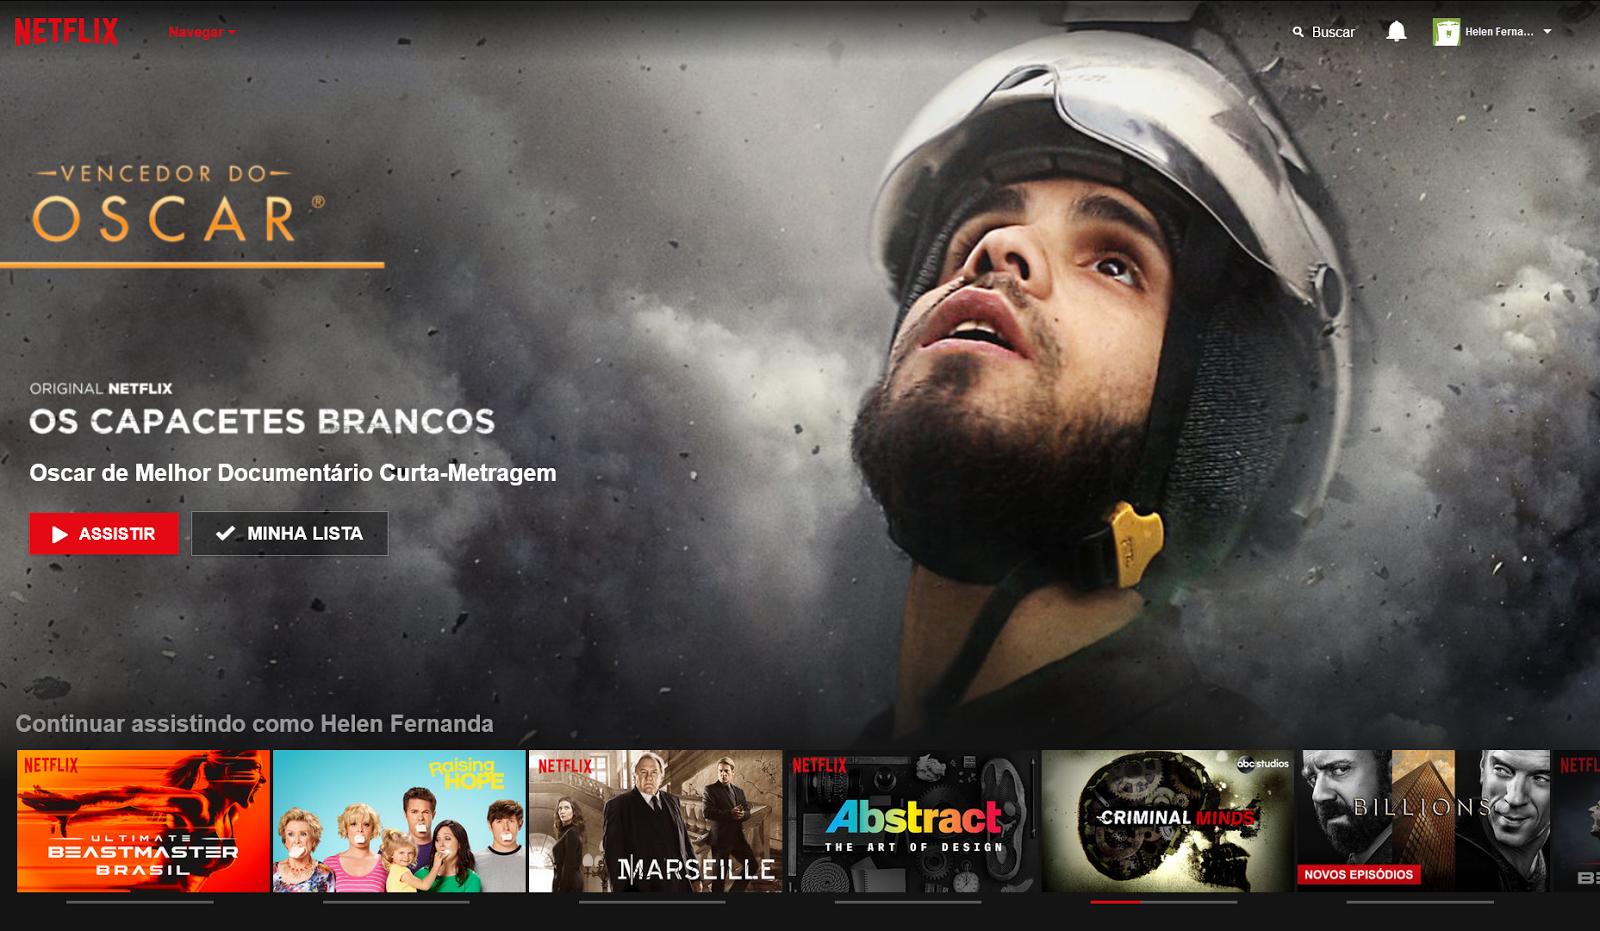 6f7d8e3279908 Há anos eu não conseguia assistir Netflix pelo Ubuntu aqui em casa. Depois  de dezenas de tentativas